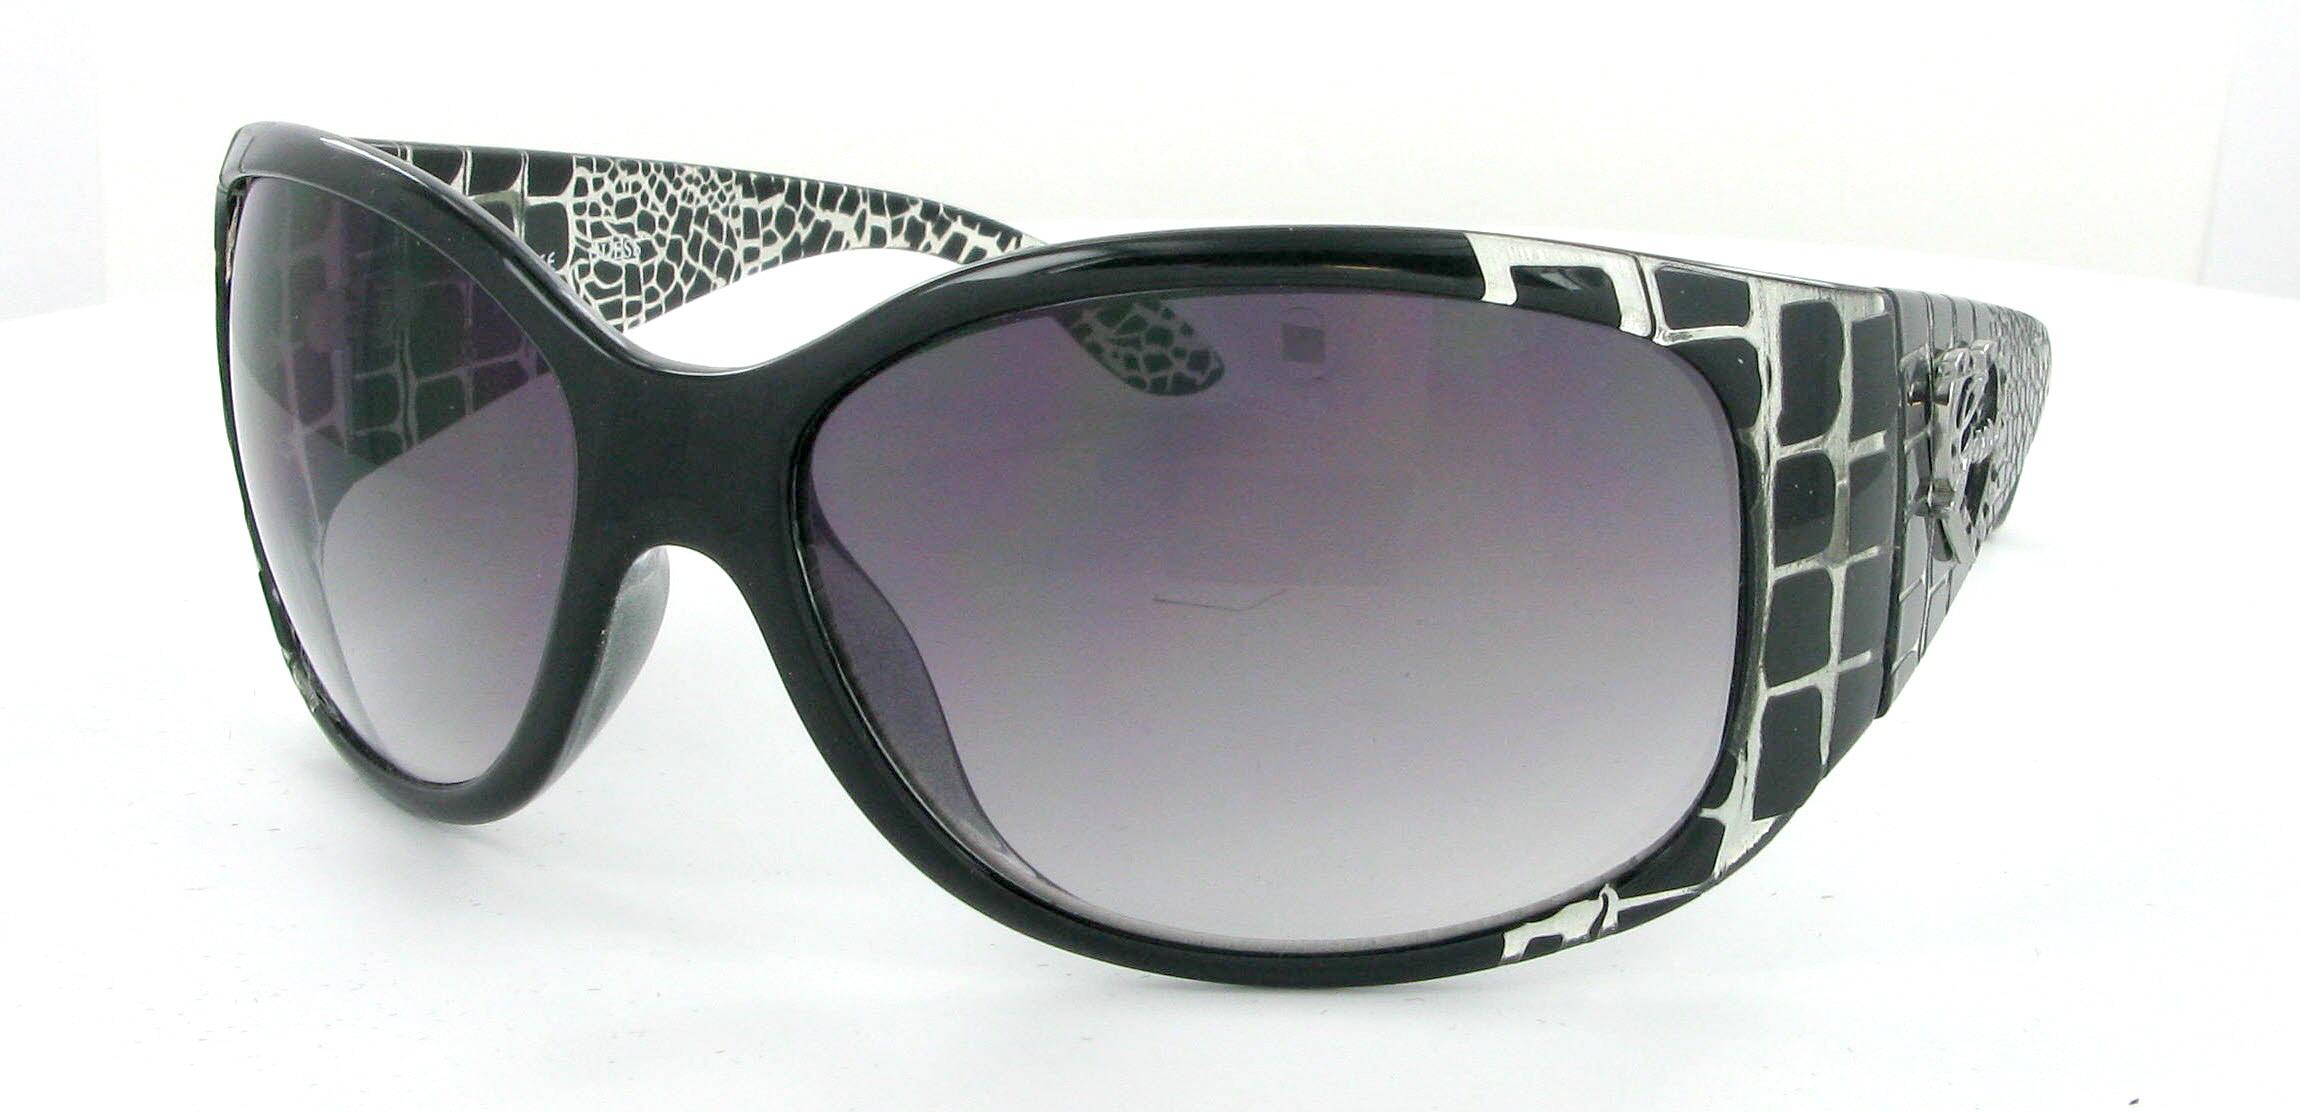 8ade52d4244fc2 Lunette Solaire Prada Femme 2012   slevi1.mit.edu lunettes guess ...